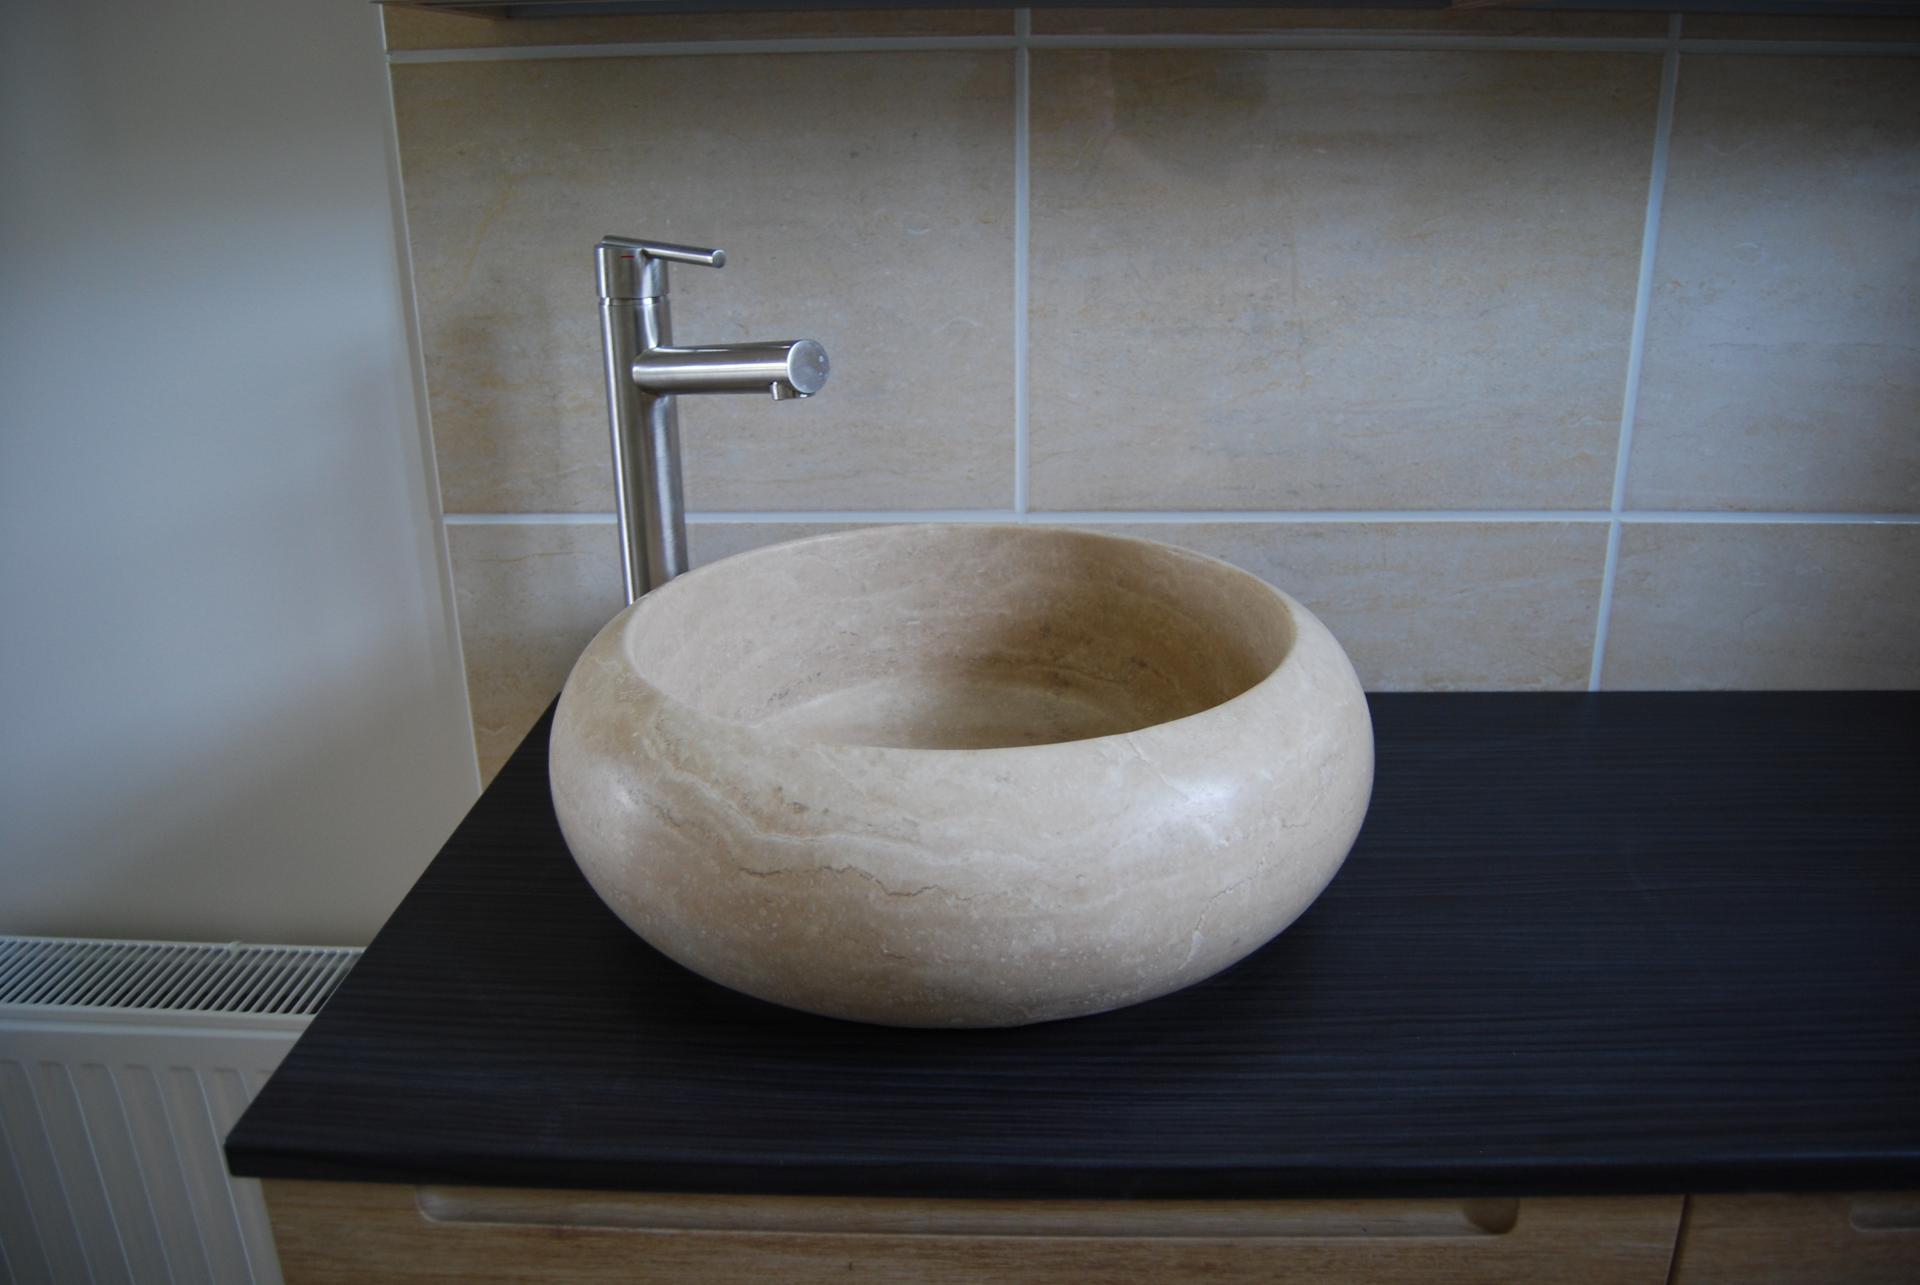 Plomberie, robinetterie et vasque sanitaire vallée de l'eure